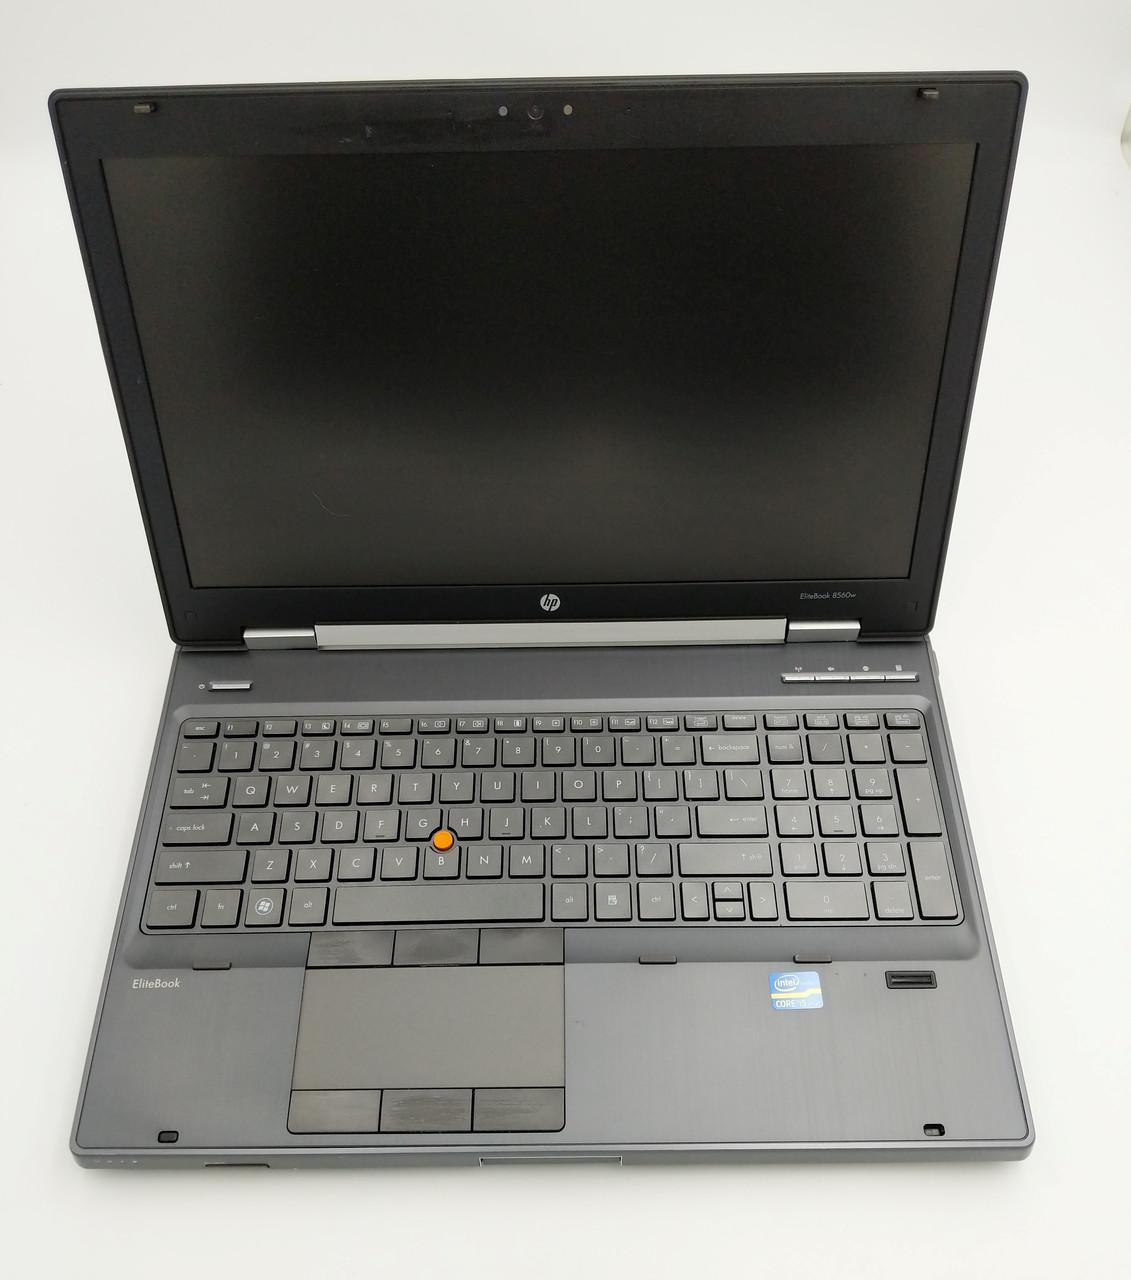 Б/У HP EliteBook 8560w 15.6″ HD+ i5-2540M /DDR3 8 Gb /SSD 240Gb Нет в наличии 3